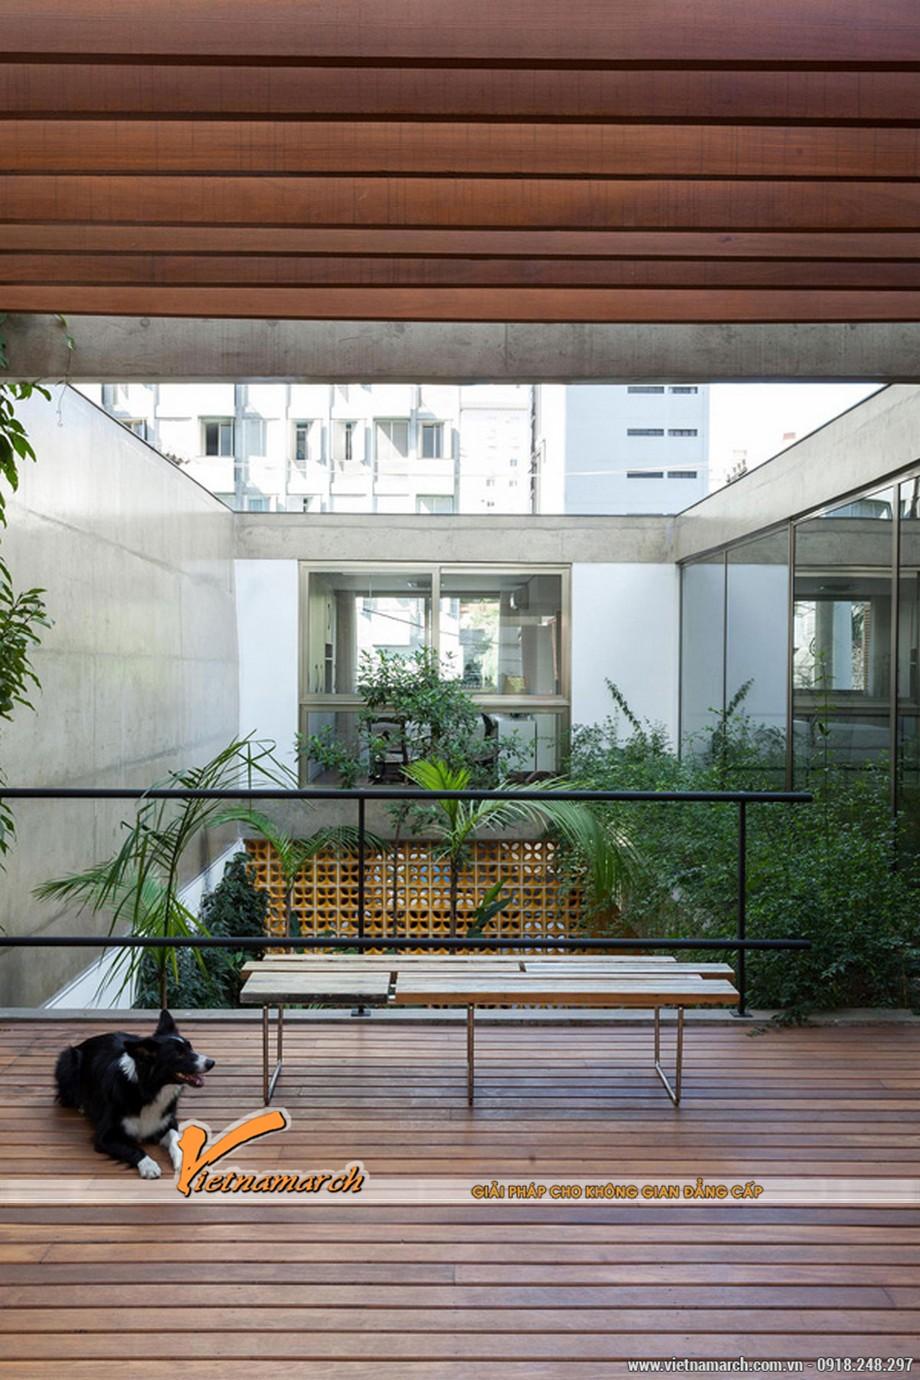 Nội thất làm bằng gỗ là đề tài mà căn hộ lựa chọn